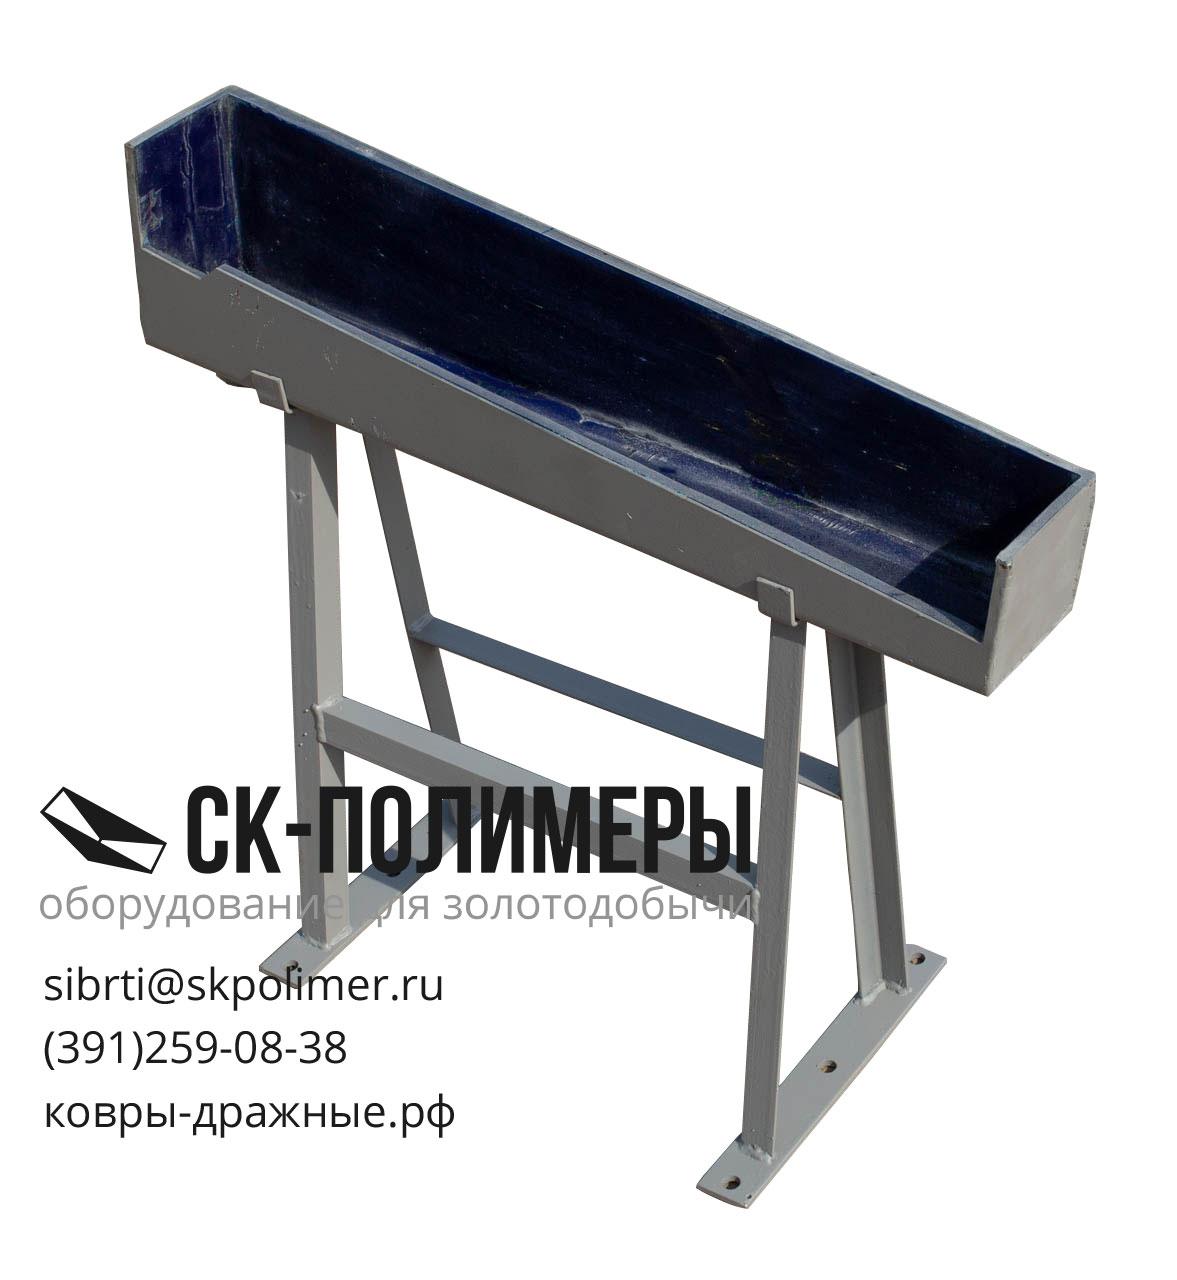 Лоток приёмного стола концентрационного